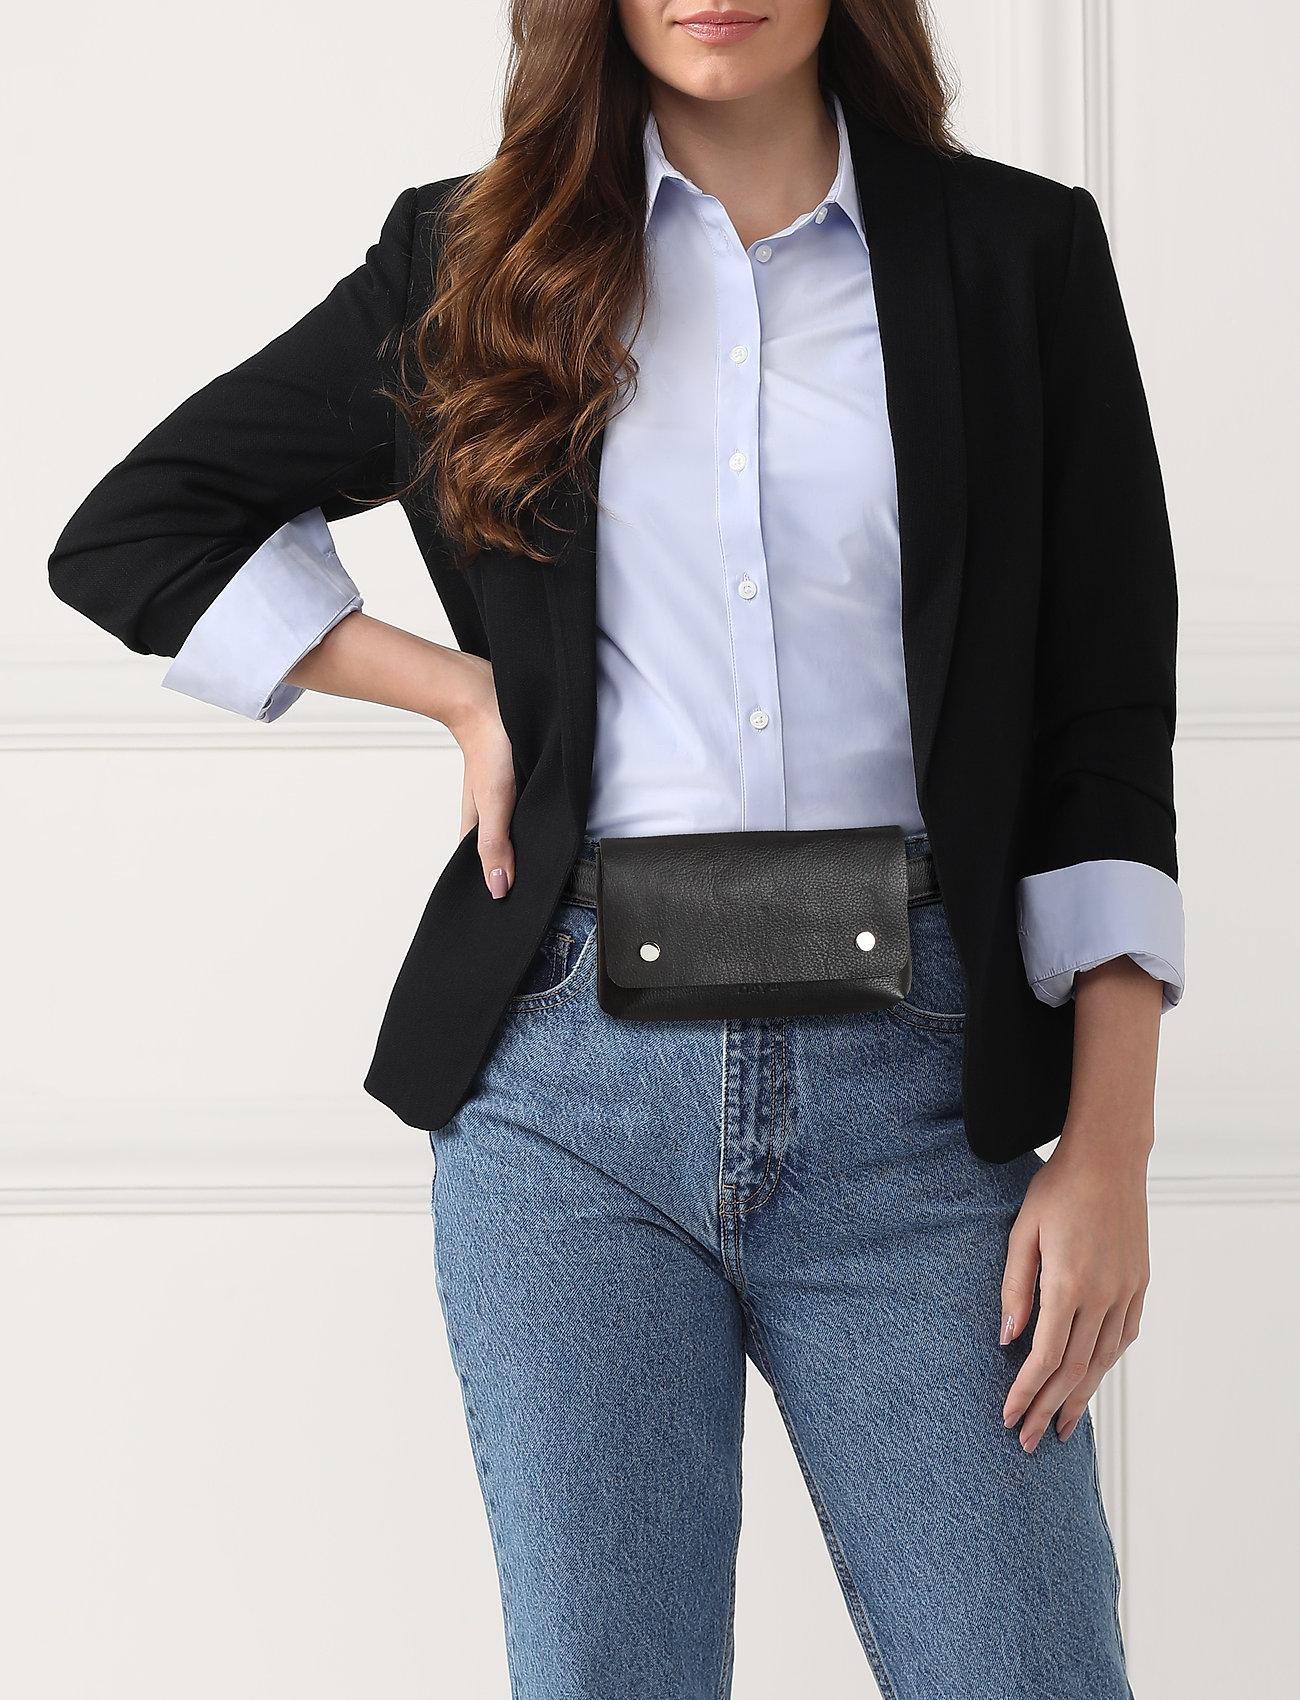 DAY et Day Addition Belt Bag - BLACK